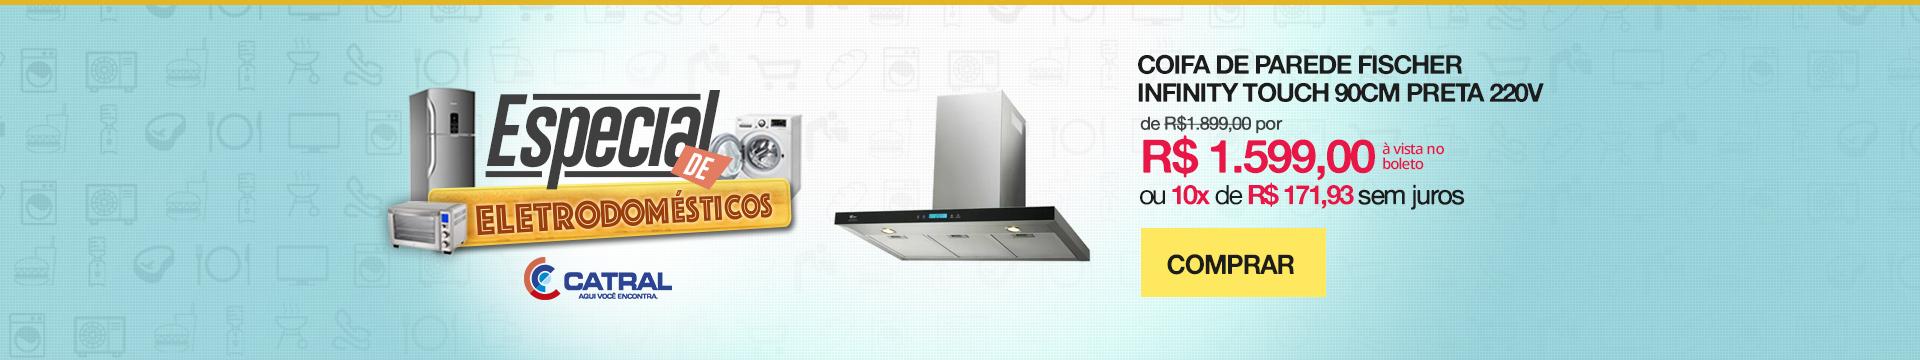 Especial Eletrodomésticos - Produto 2